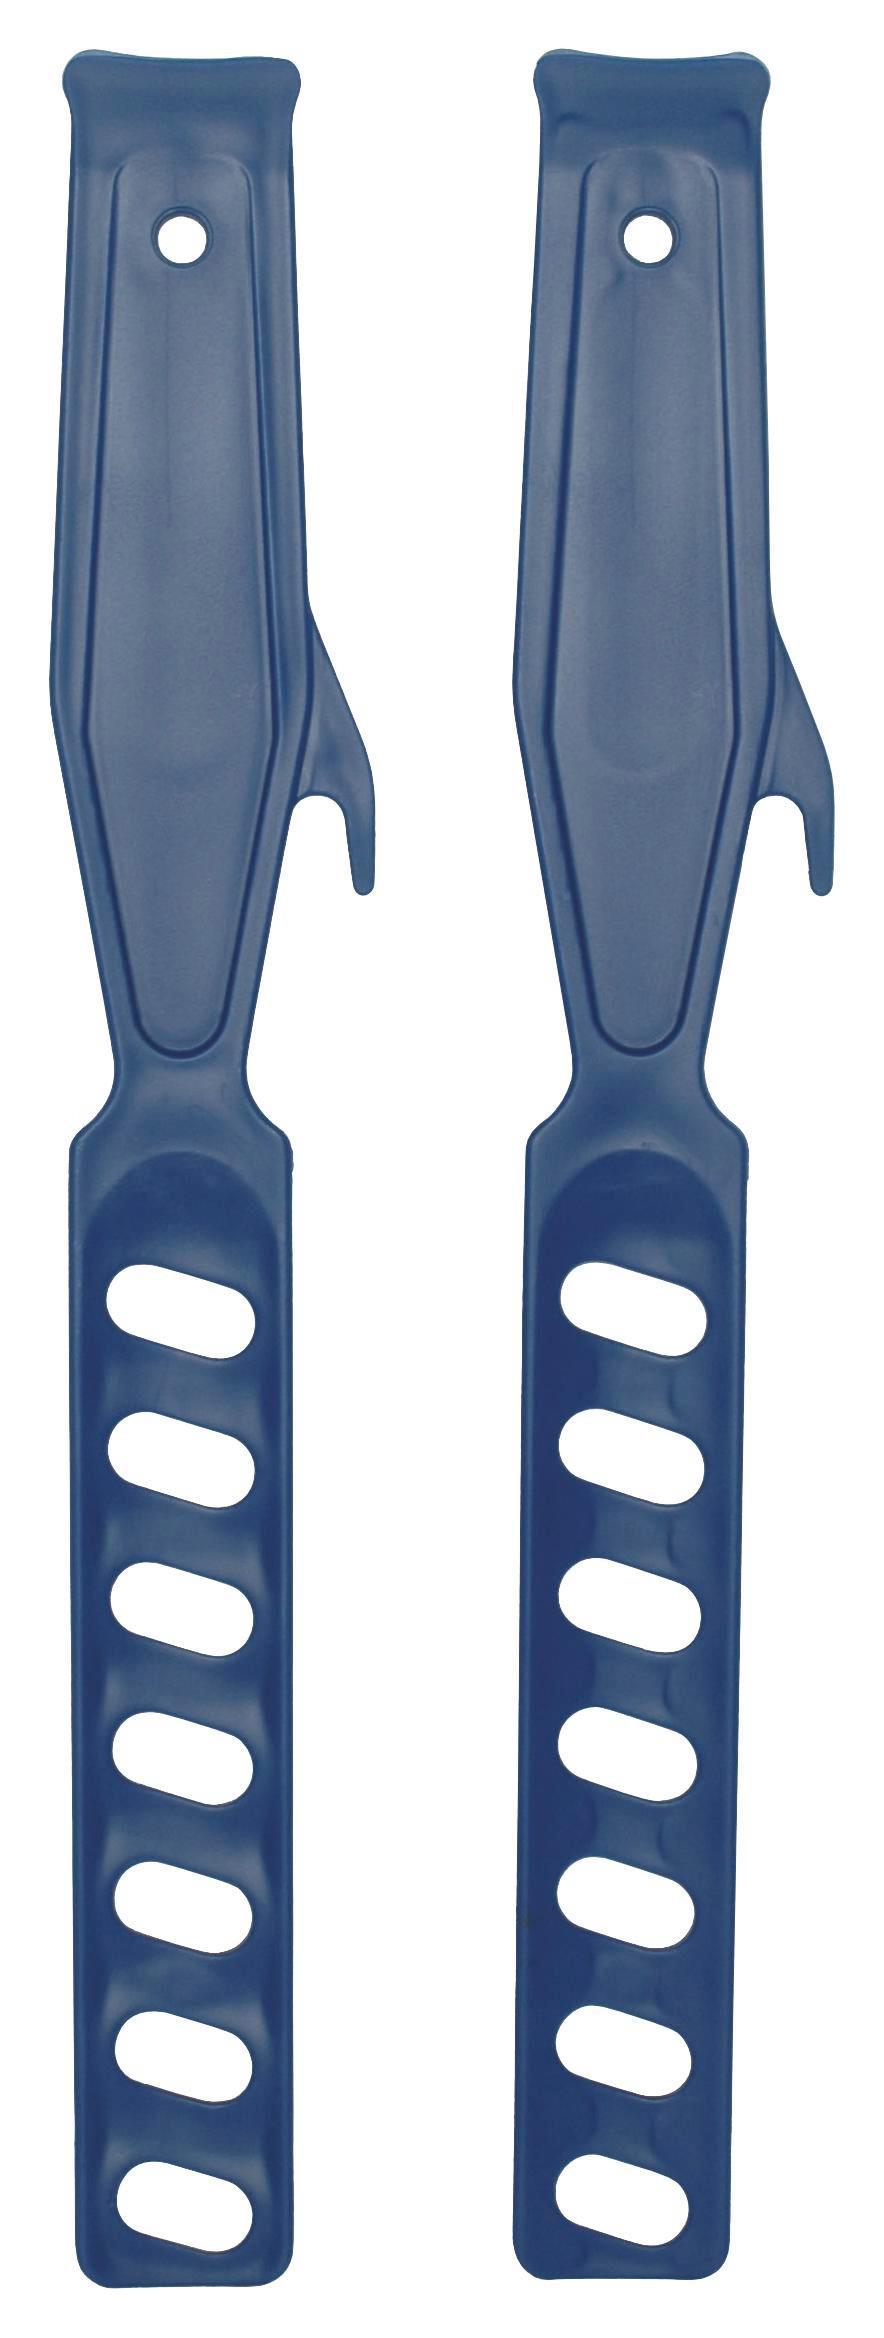 Festékkeverő 752090 - kék, konvencionális, műanyag (28.5cm)